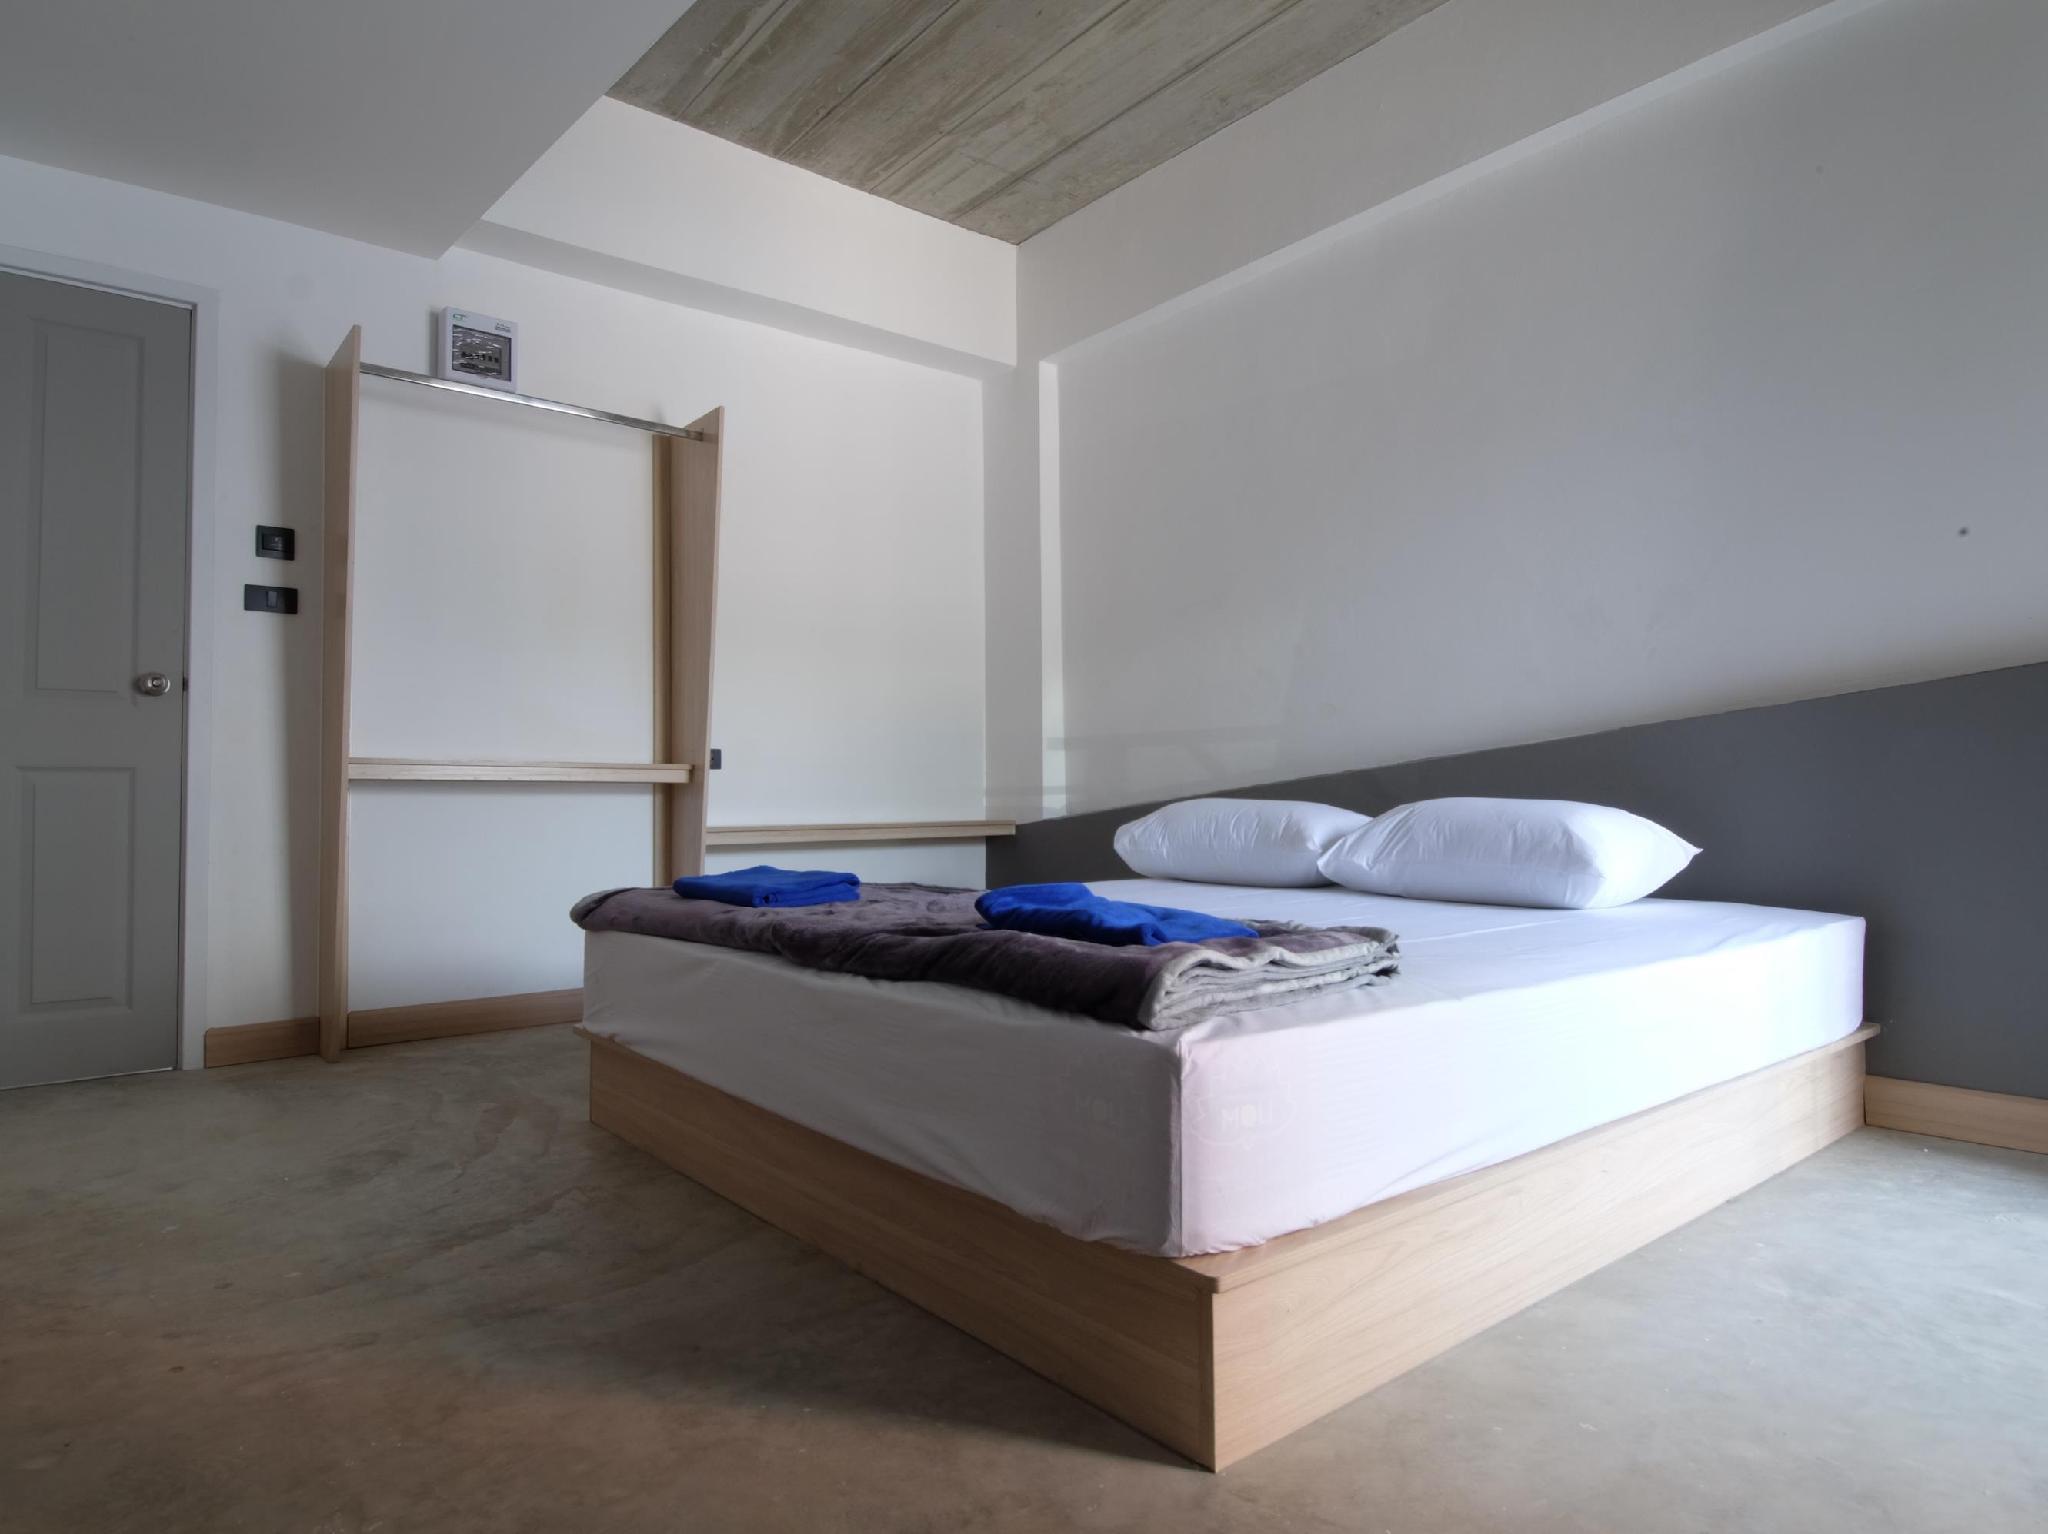 Chambre Hopital Moderne ~ Idées De Design D\'intérieur